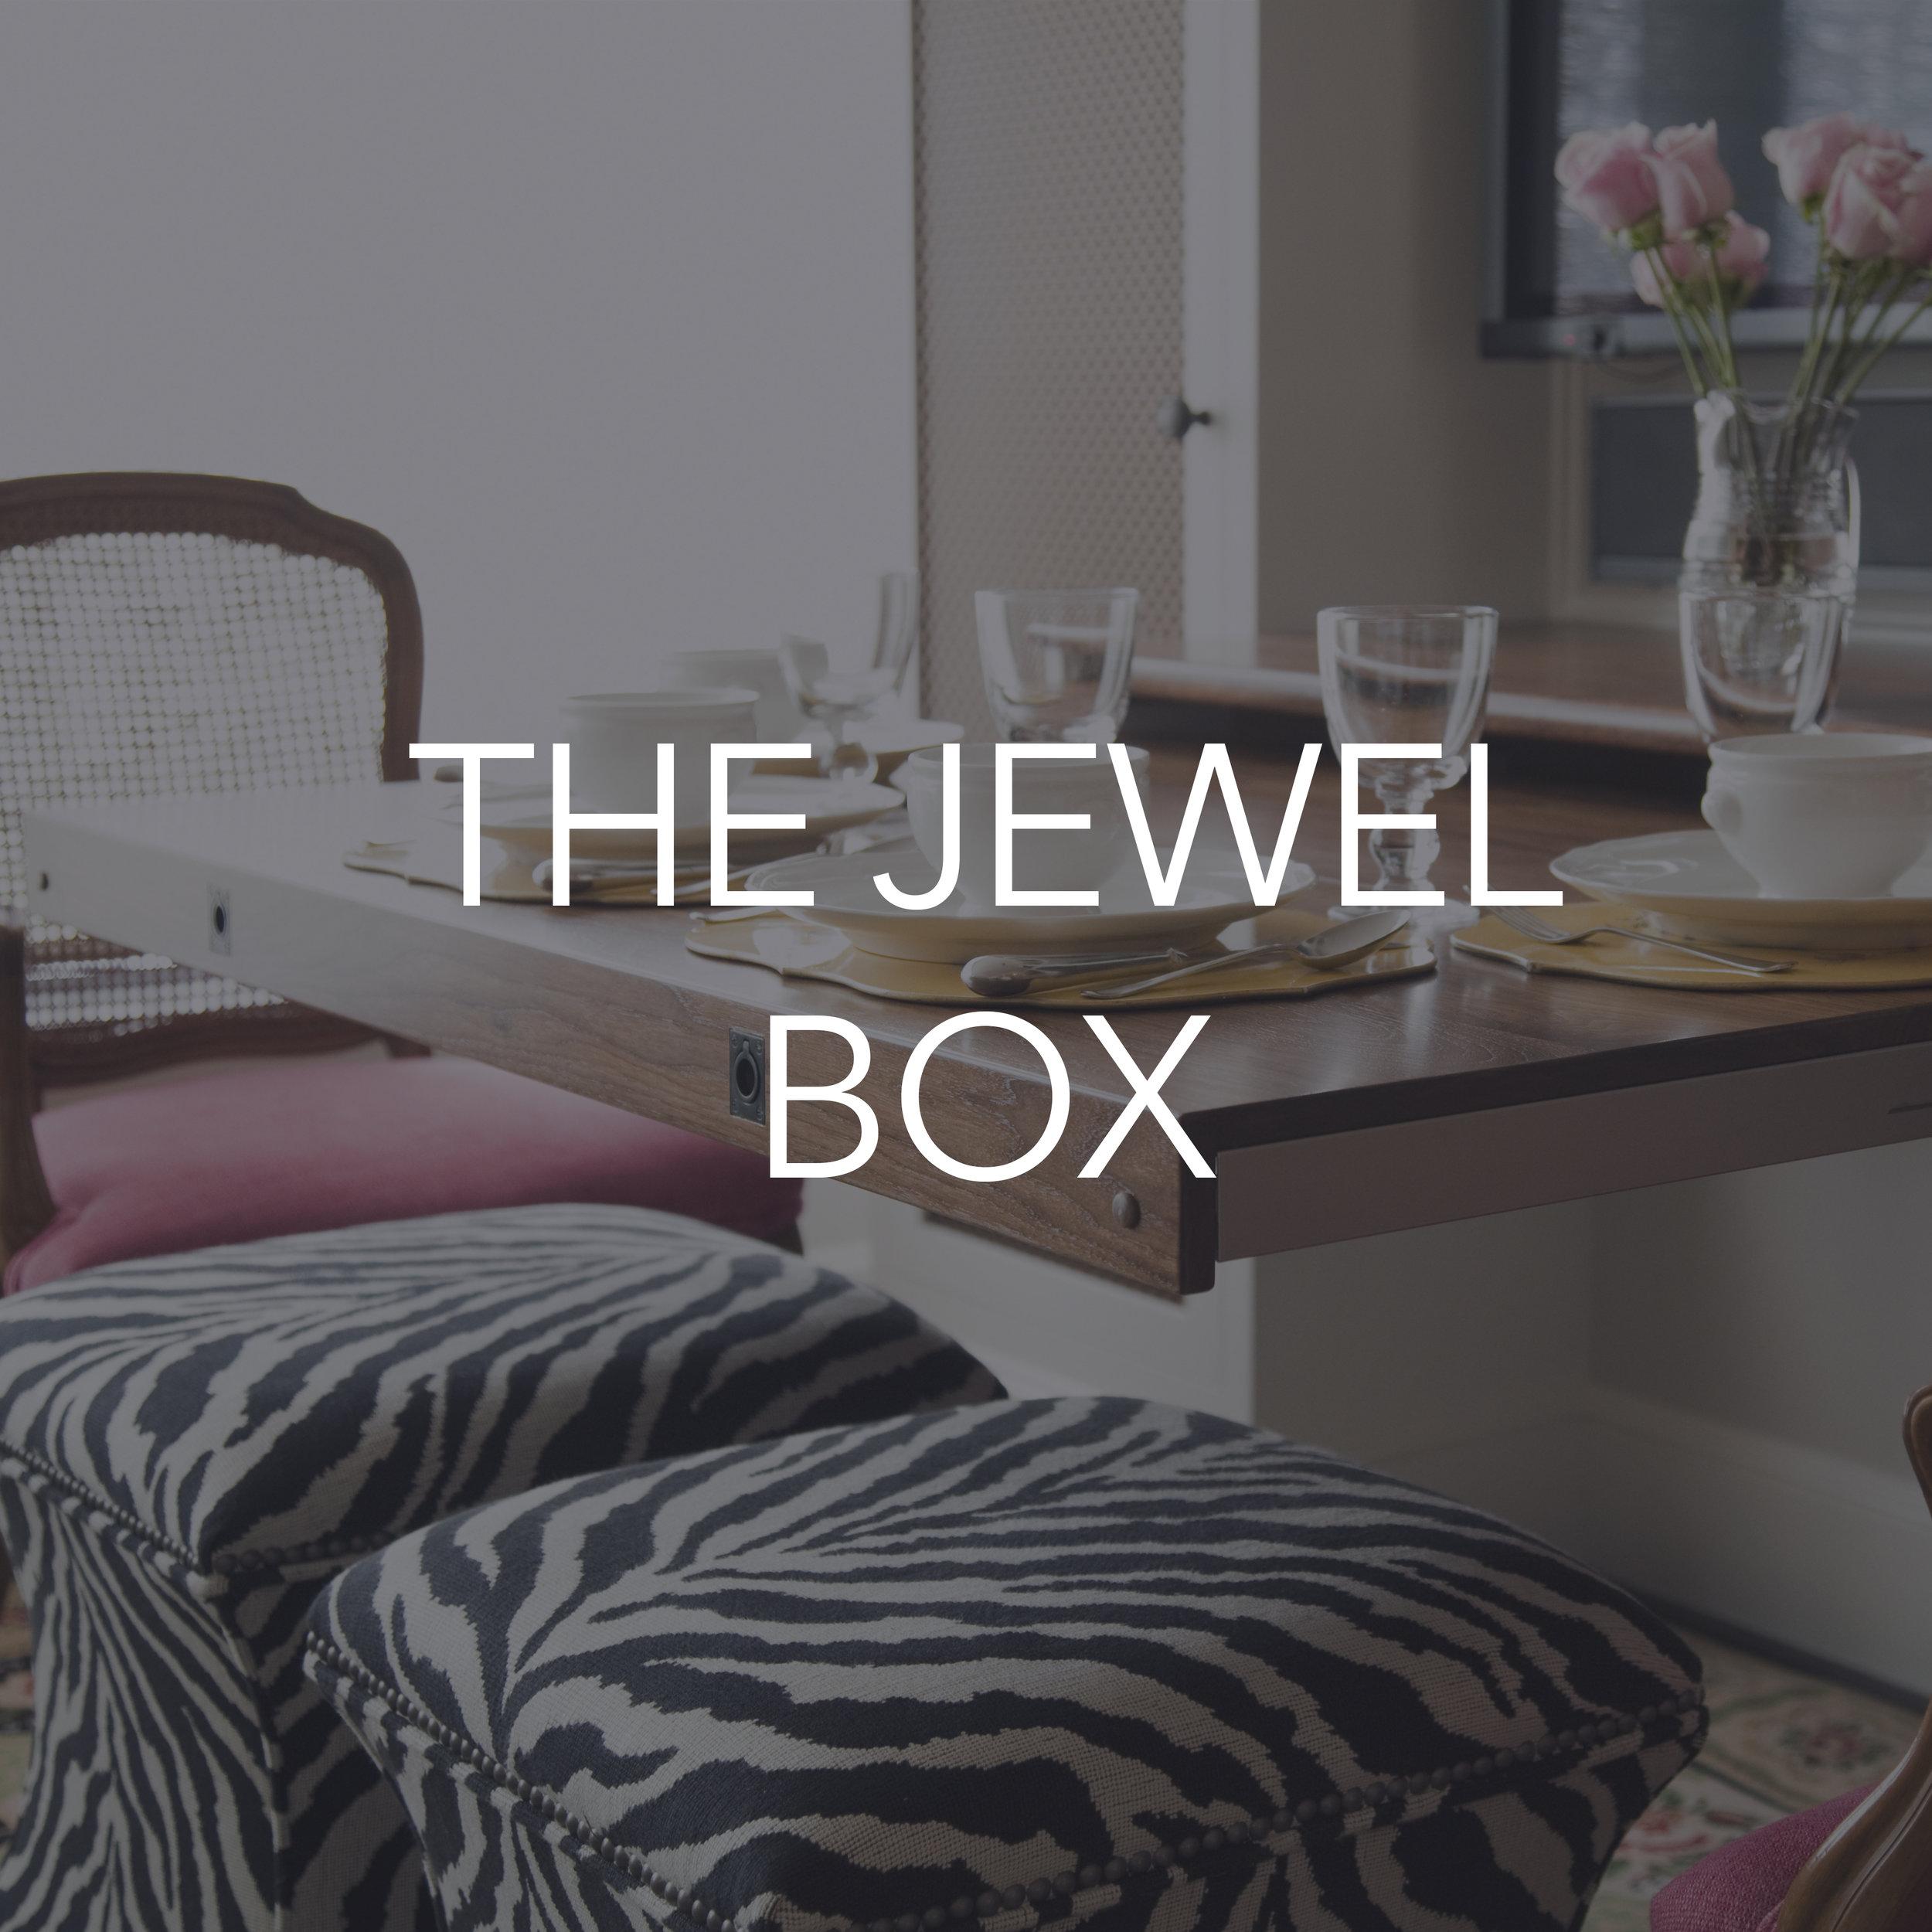 THE JEWEL BOX.jpg